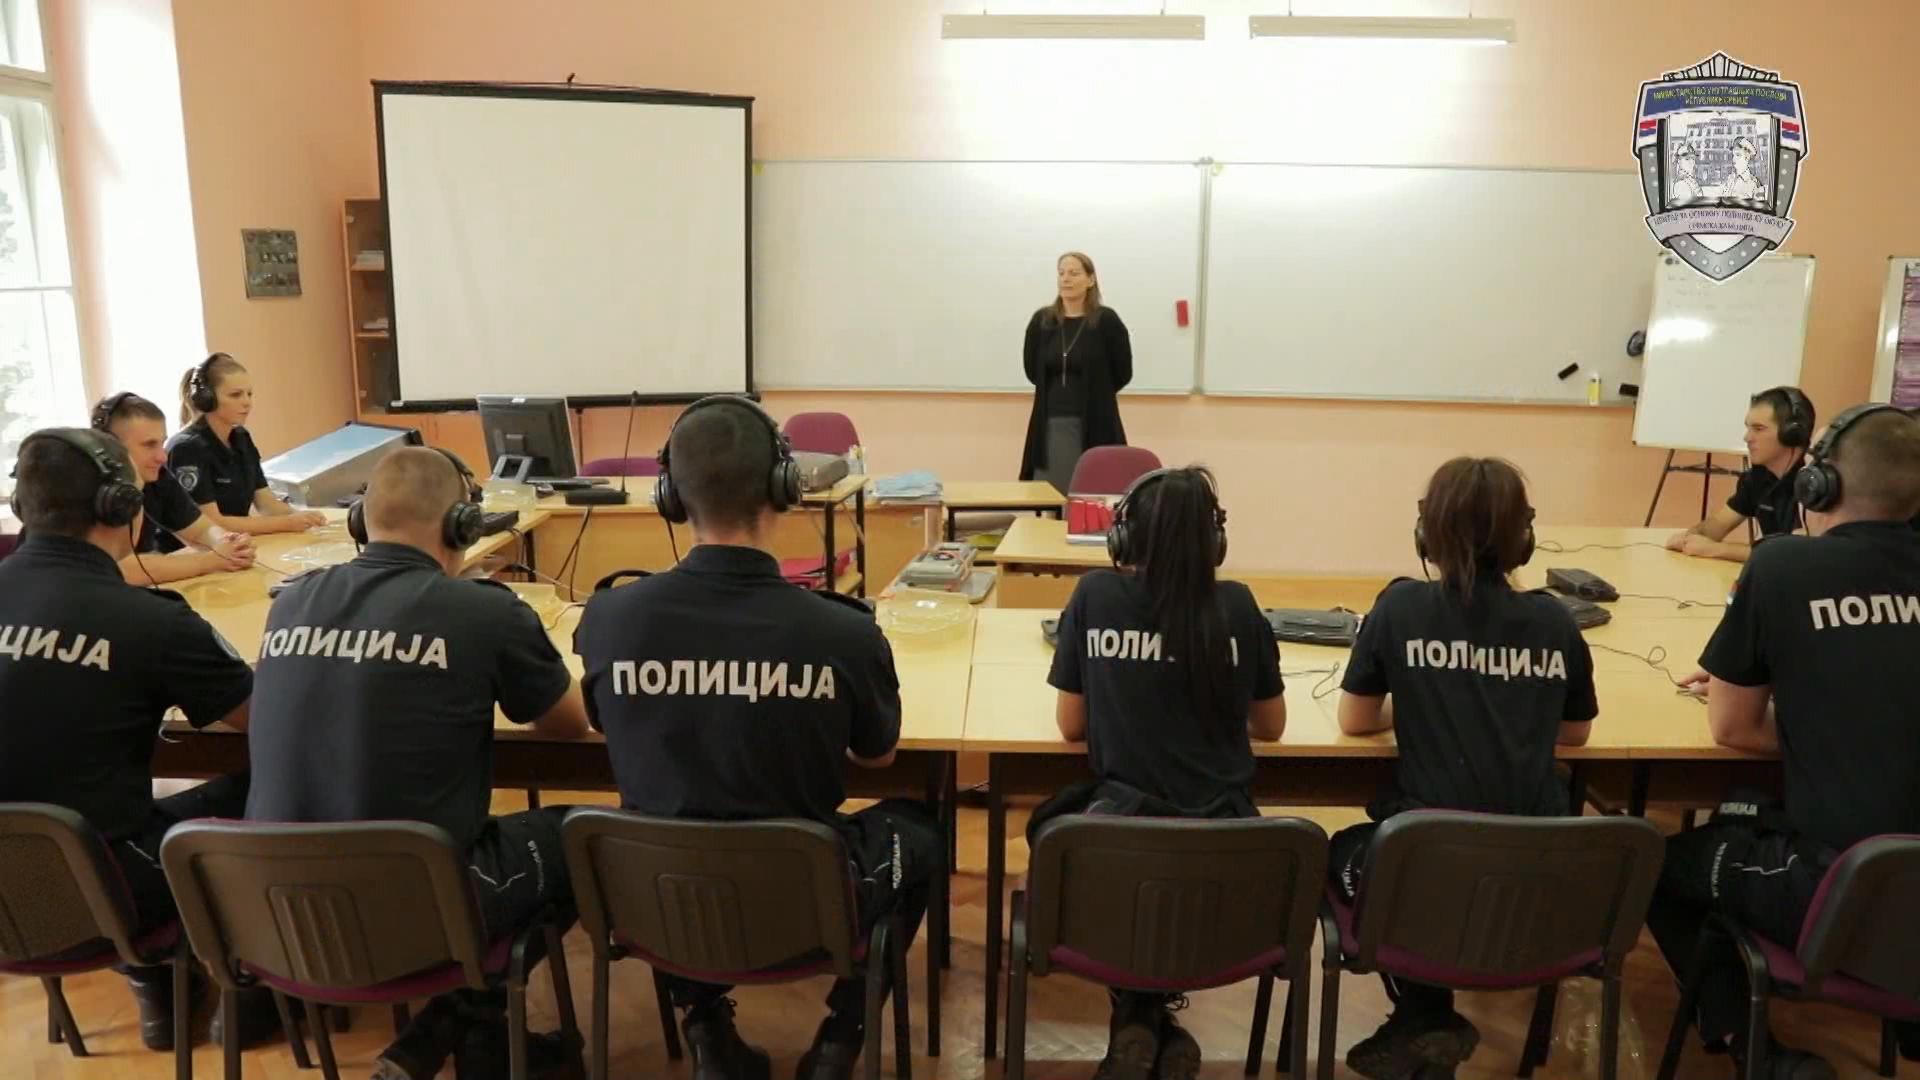 Ministarstvo unutrašnjih poslova raspisalo konkurs za upis preko hiljadu polaznika u Centar za osnovnu policijsku obuku